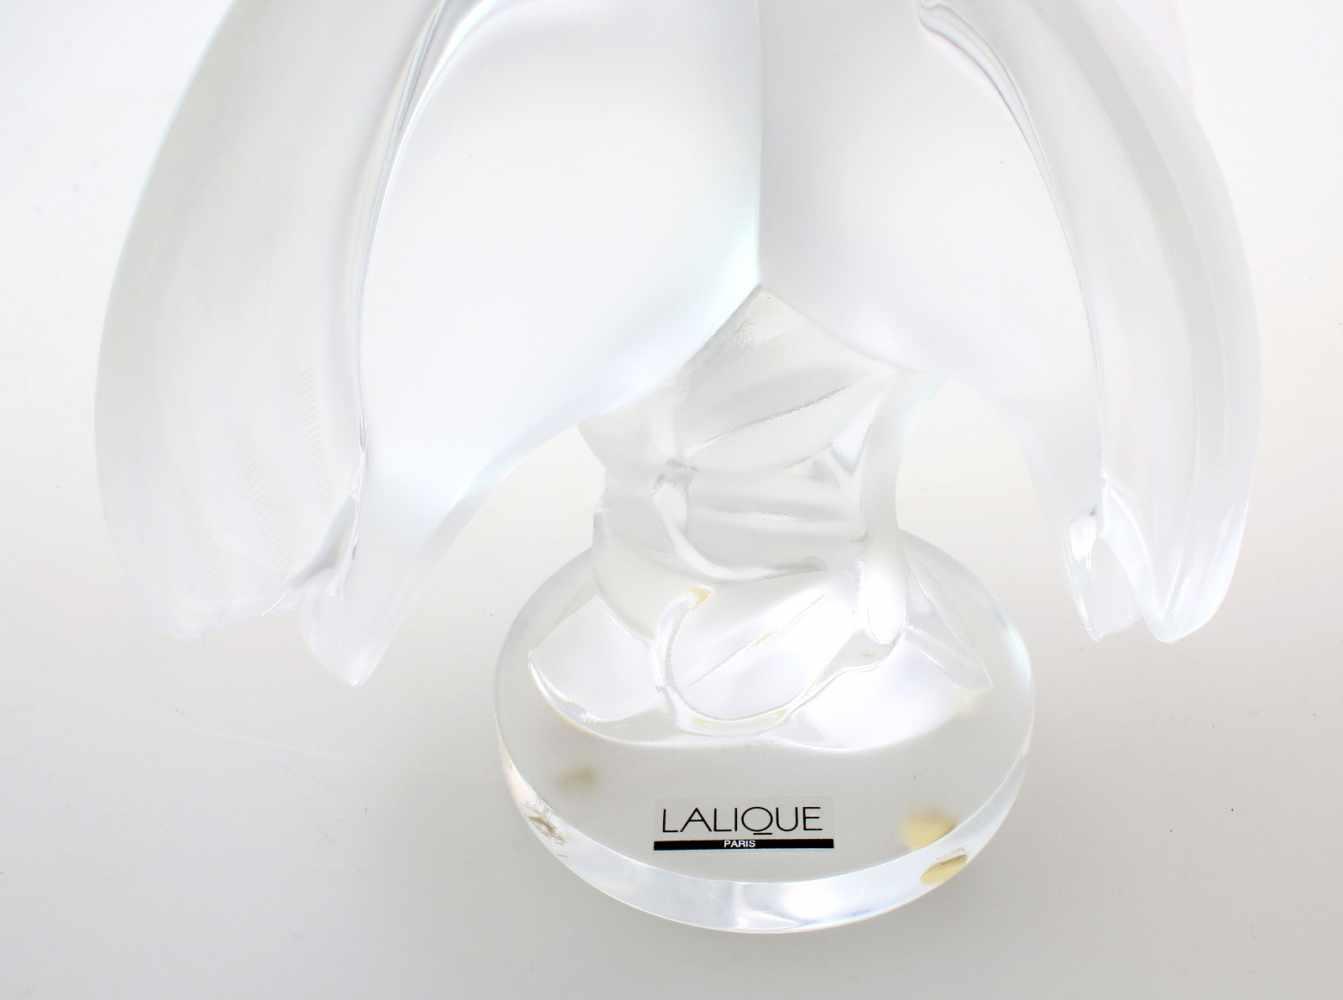 """Glasplastik """"Ariane"""" - Taubenpaar - Lalique - ParisAm Sockel diamantgeschnittene Signatur """" - Bild 4 aus 4"""